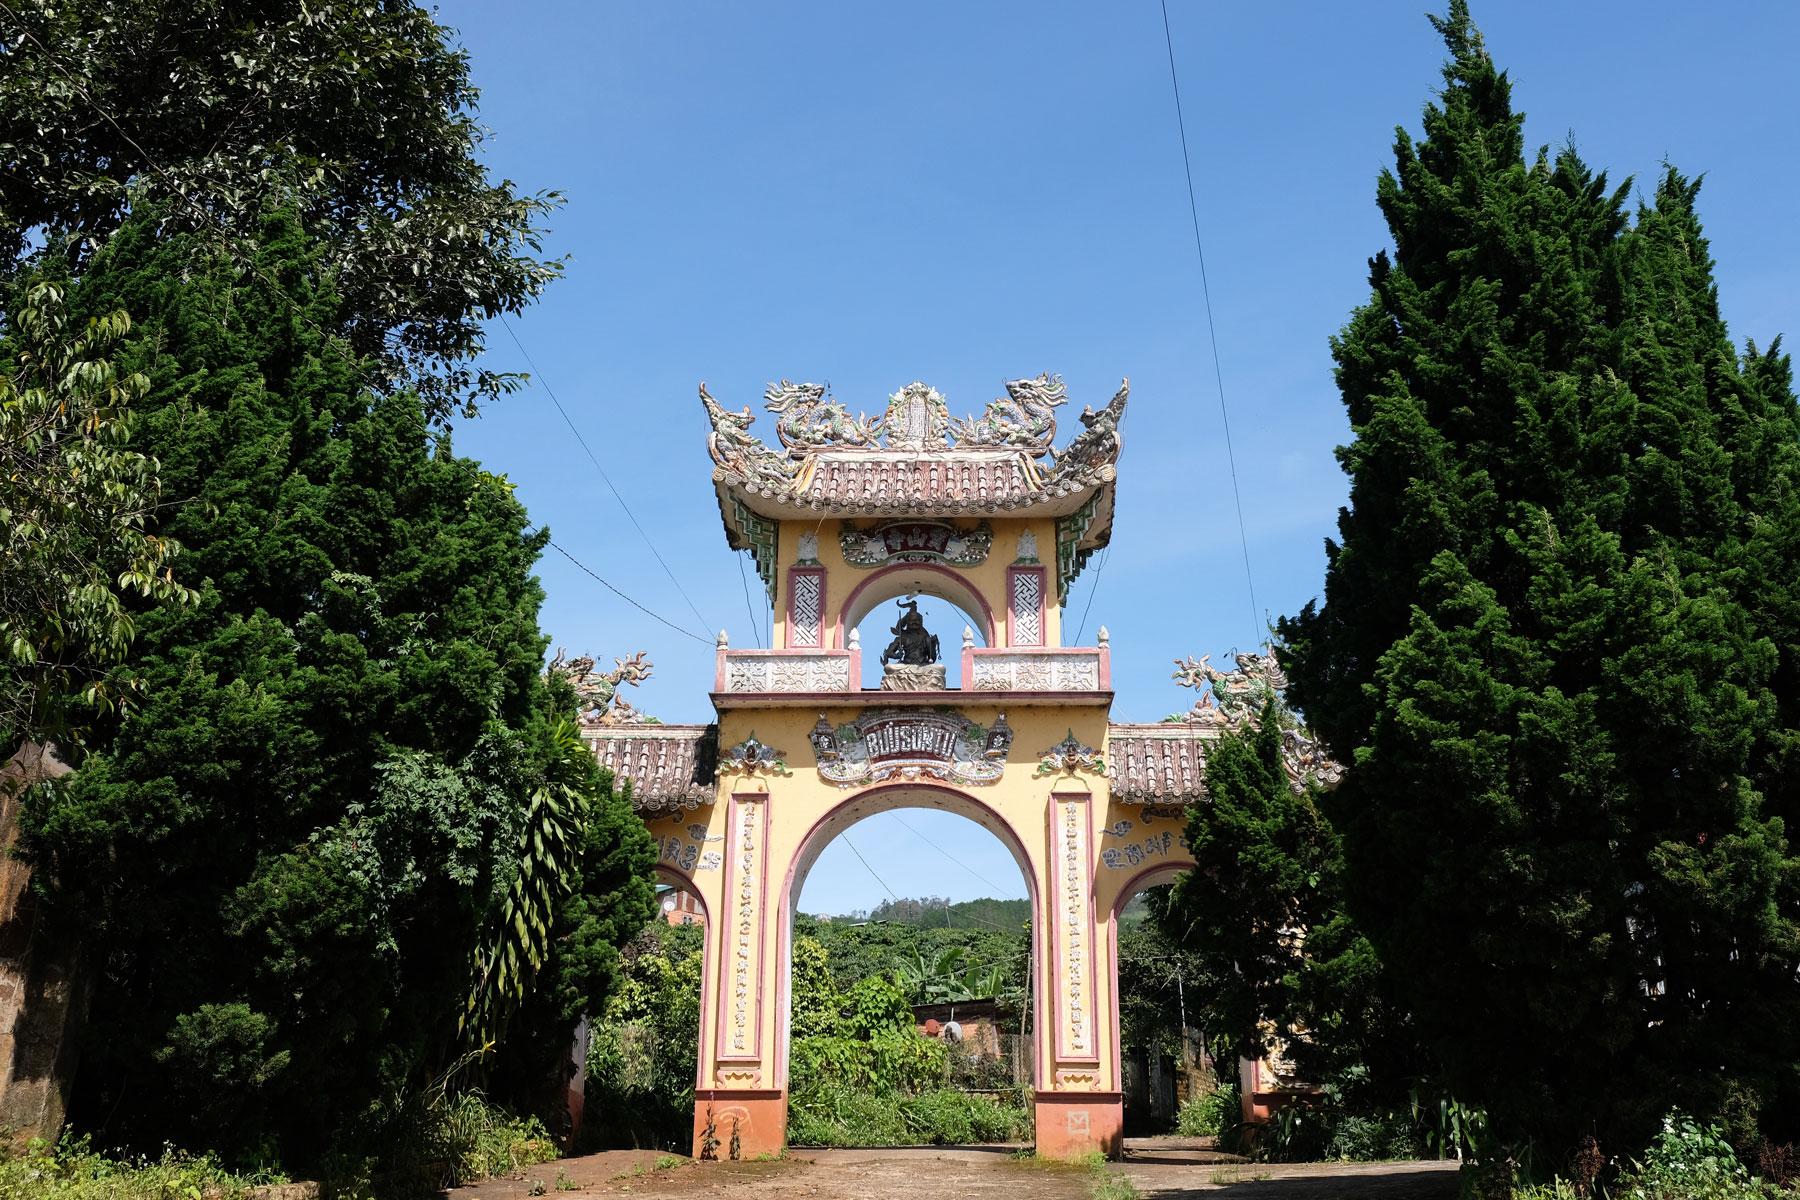 Ein vietnamesisches Tor steht zwischen zwei großen Bäumen.